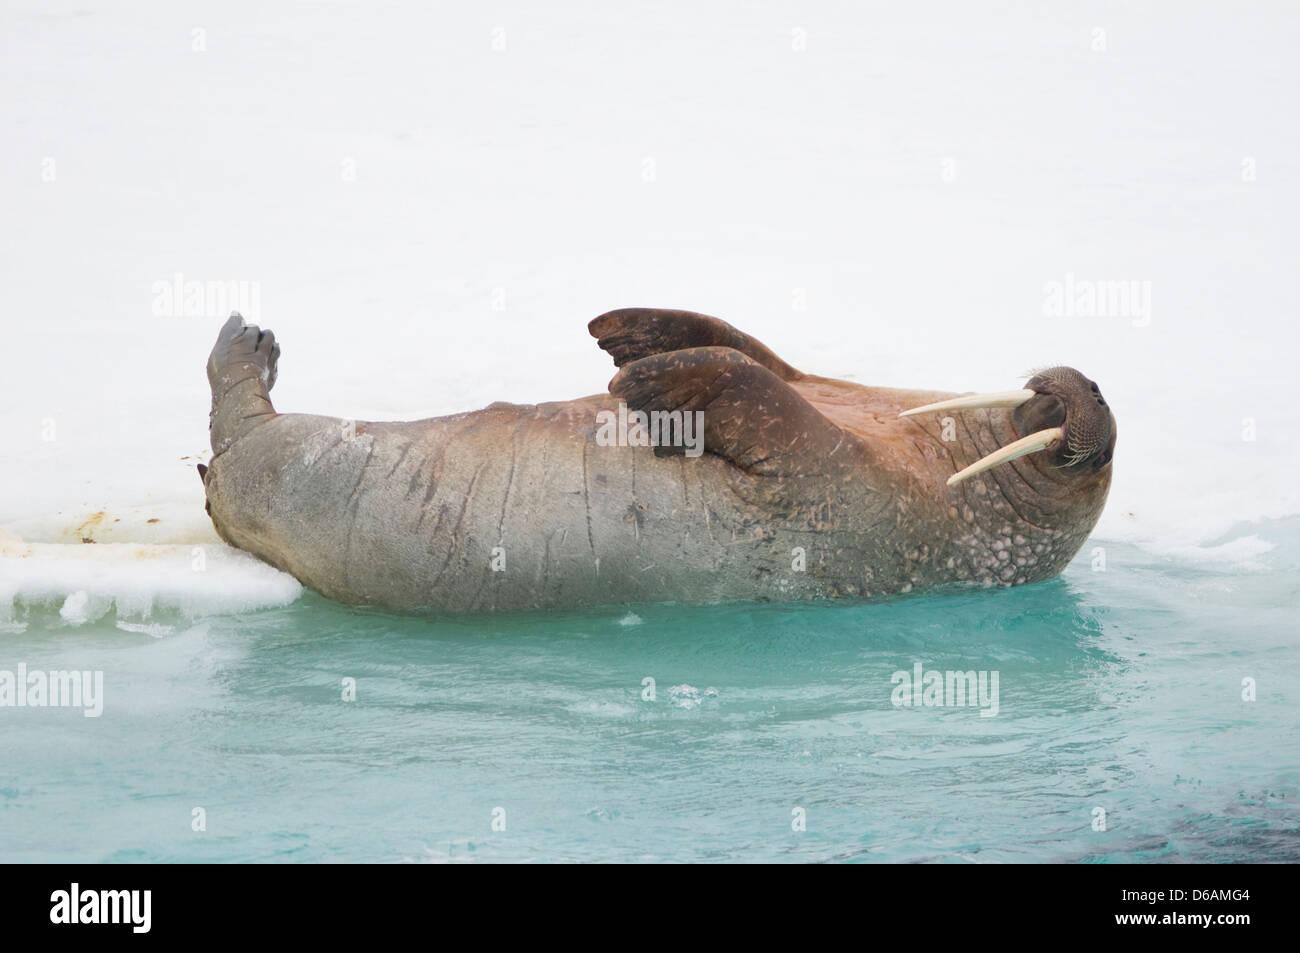 Norwegen, Svalbard-Archipel Spitzbergen. Walross, Eis Odobenus Rosmarus, Erwachsene aus einer Pfanne des Meeres Stockbild